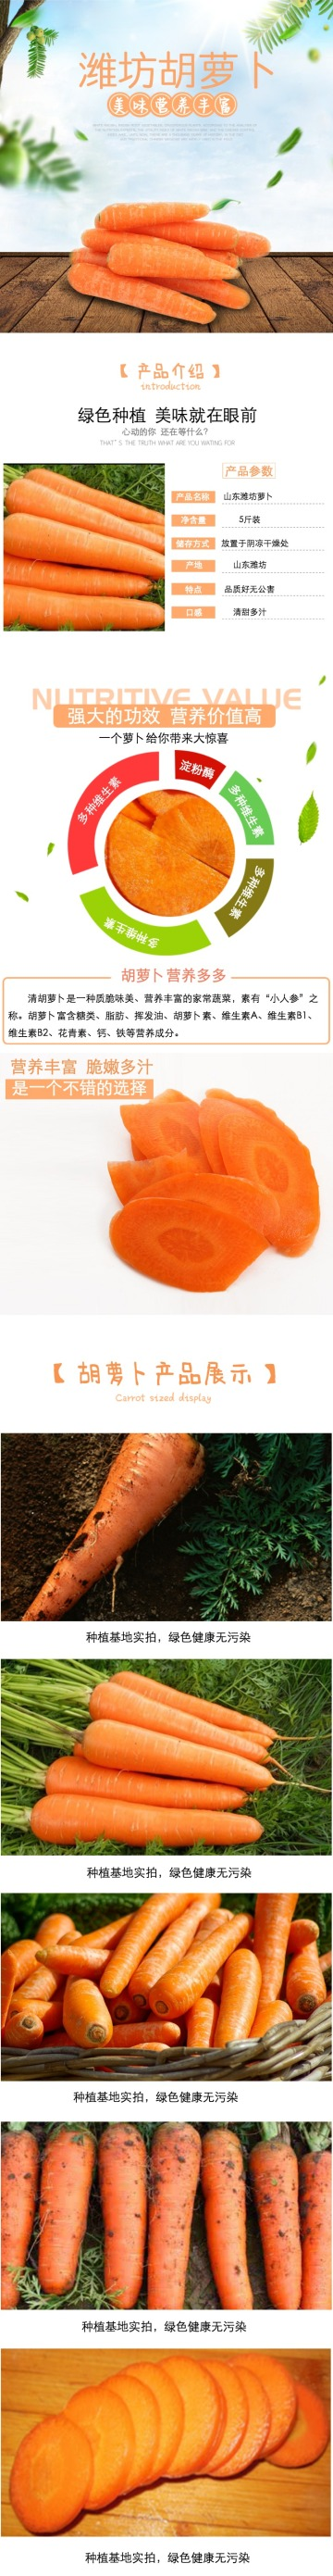 清新健康清甜潍坊胡萝卜电商详情图